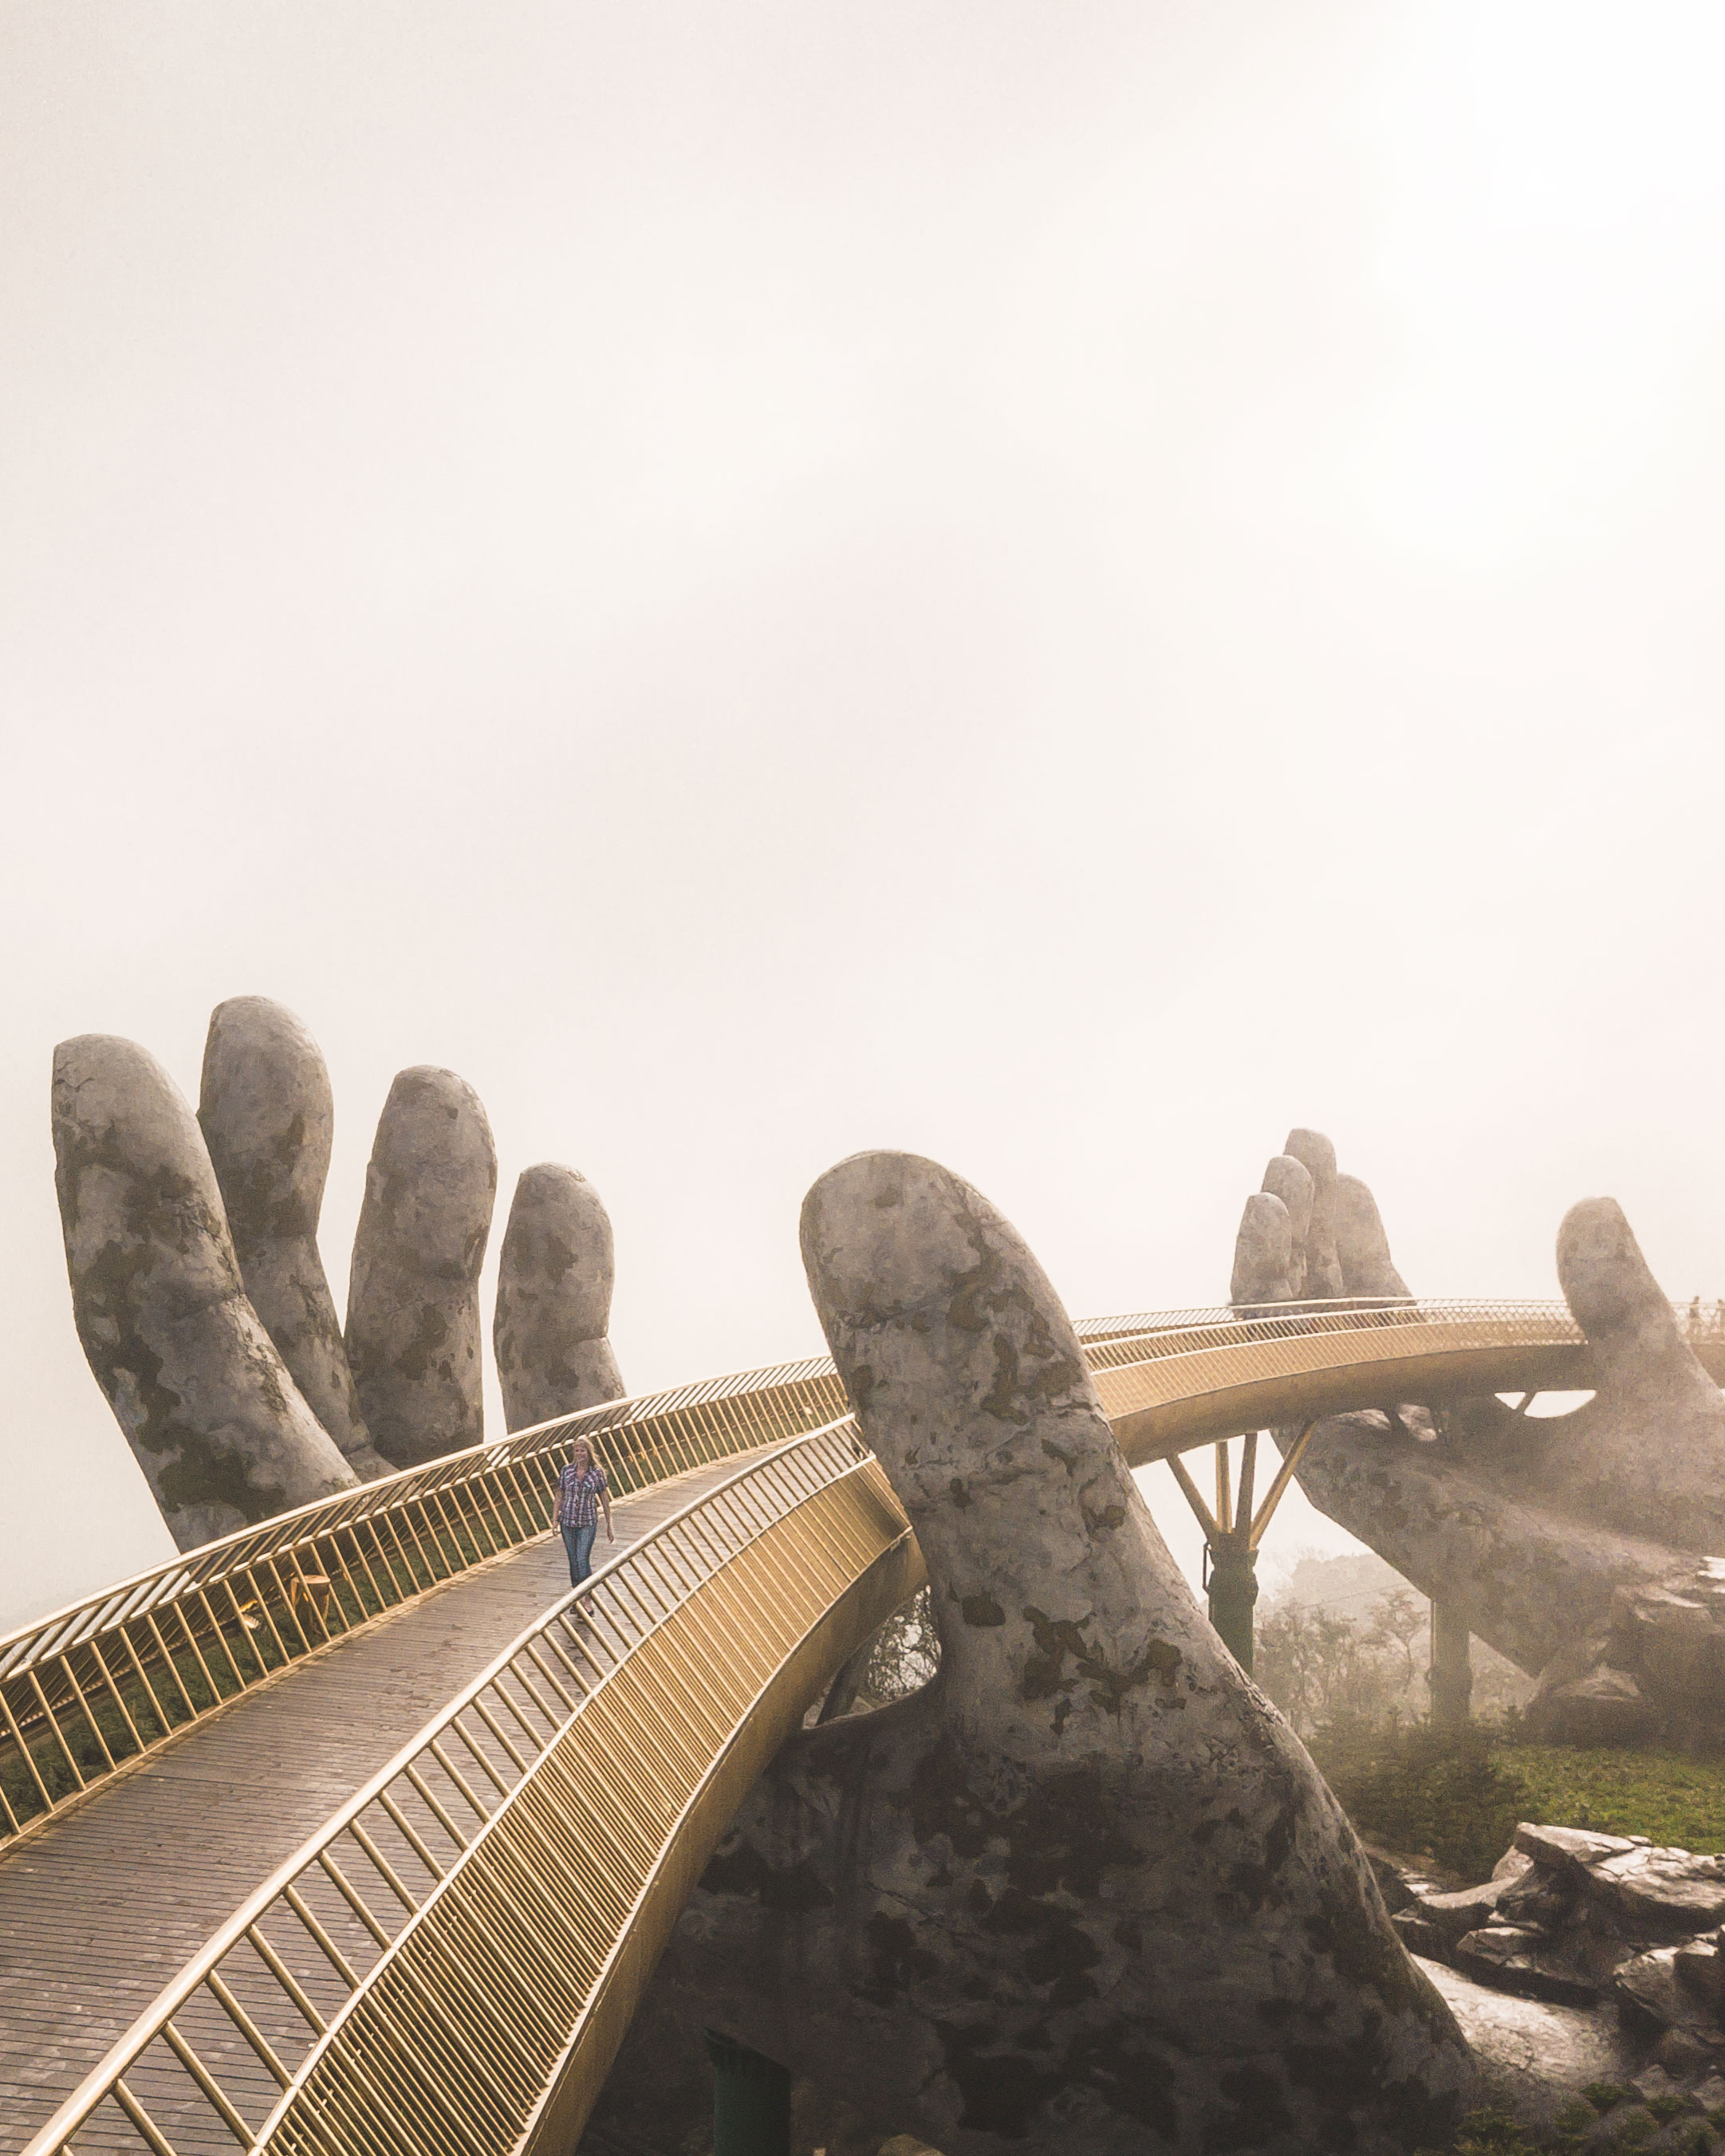 Things to do in Da Nang - Golden Bridge in Sun World